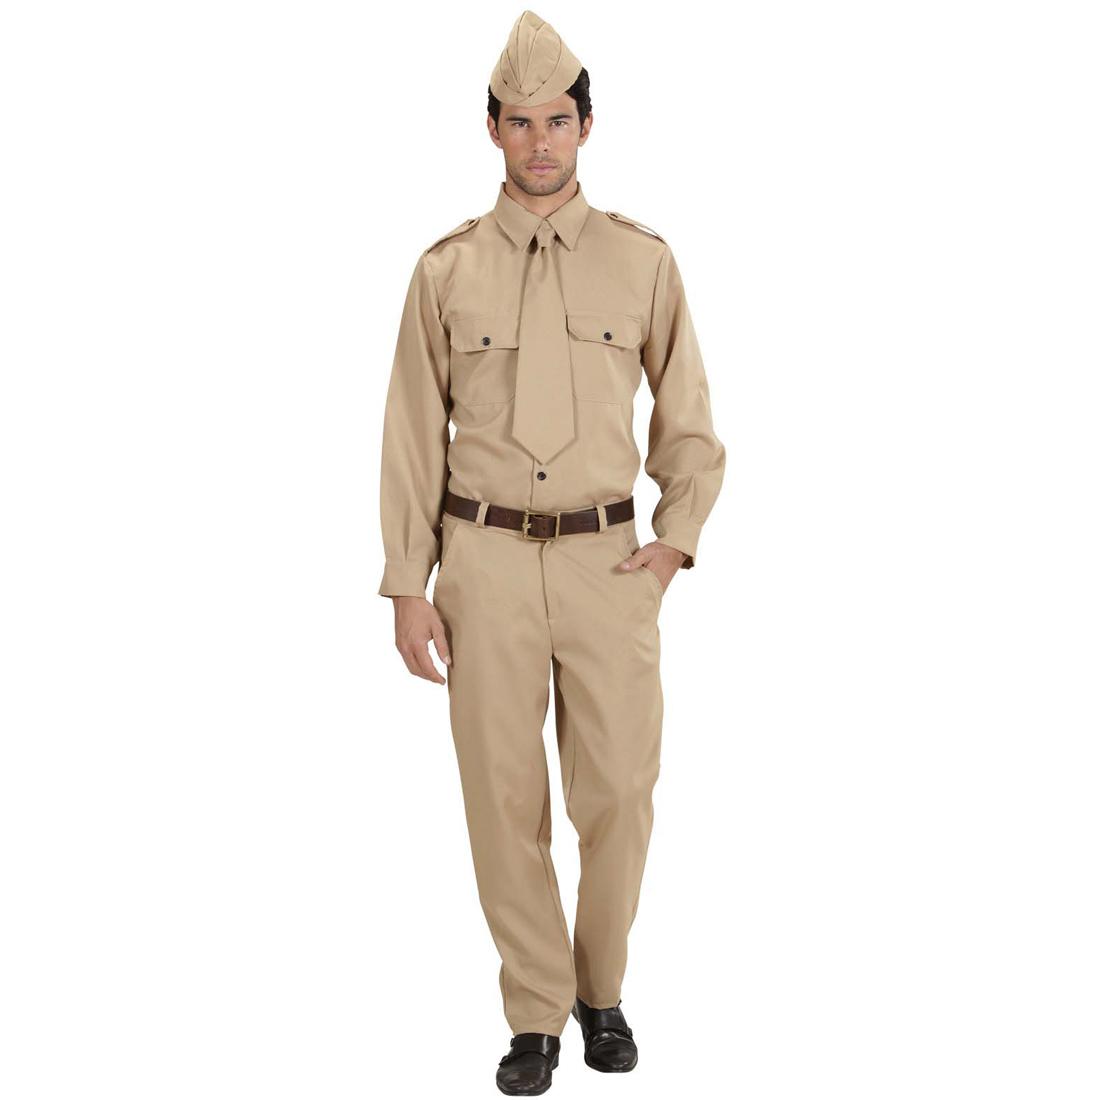 milit r uniform ww2 soldaten kost m soldatenuniform armee soldatenkost m soldat ebay. Black Bedroom Furniture Sets. Home Design Ideas